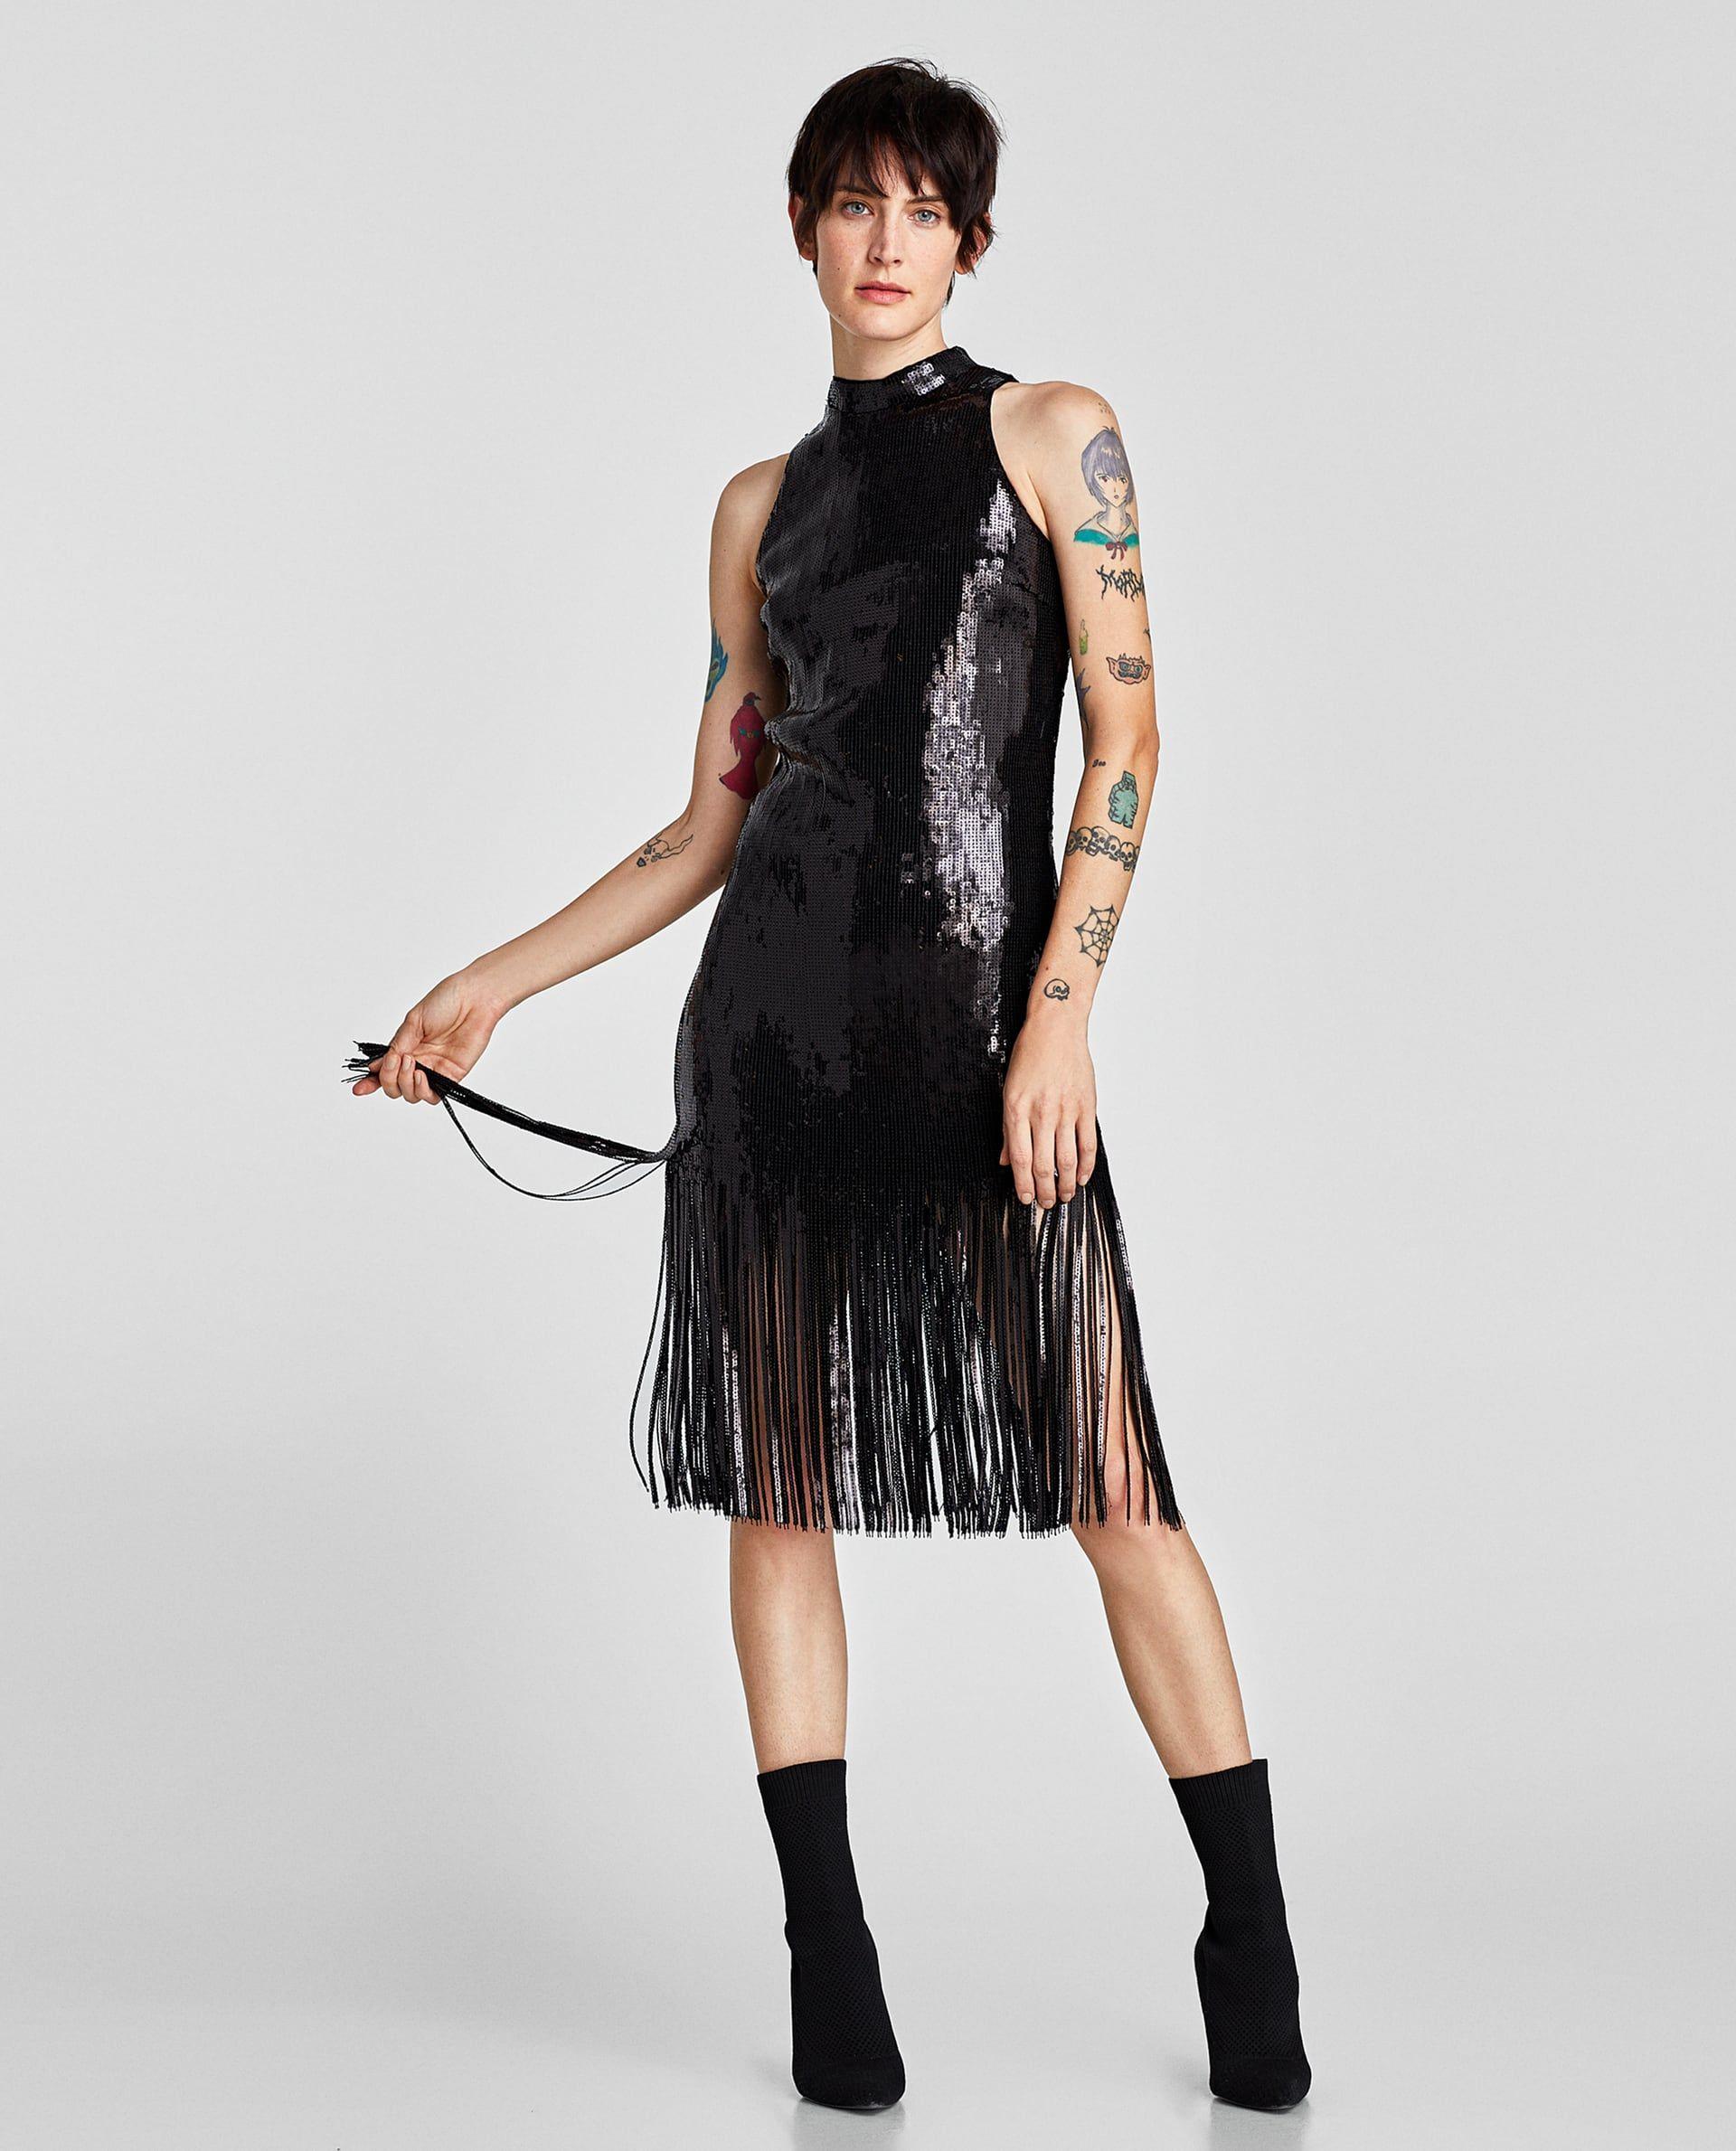 Cinturones para vestidos de fiesta zara